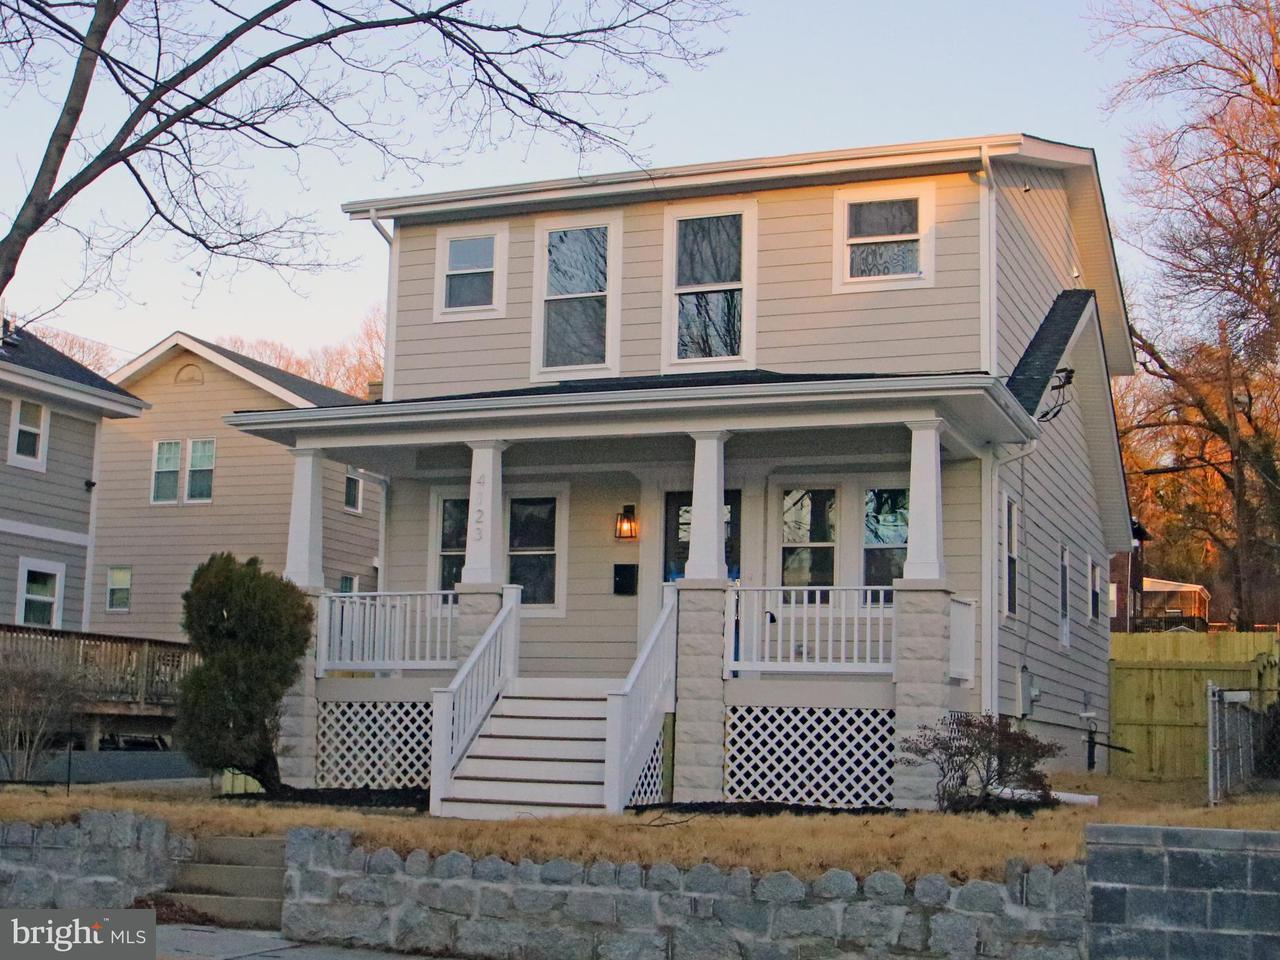 一戸建て のために 売買 アット 4123 22nd St Ne 4123 22nd St Ne Washington, コロンビア特別区 20018 アメリカ合衆国